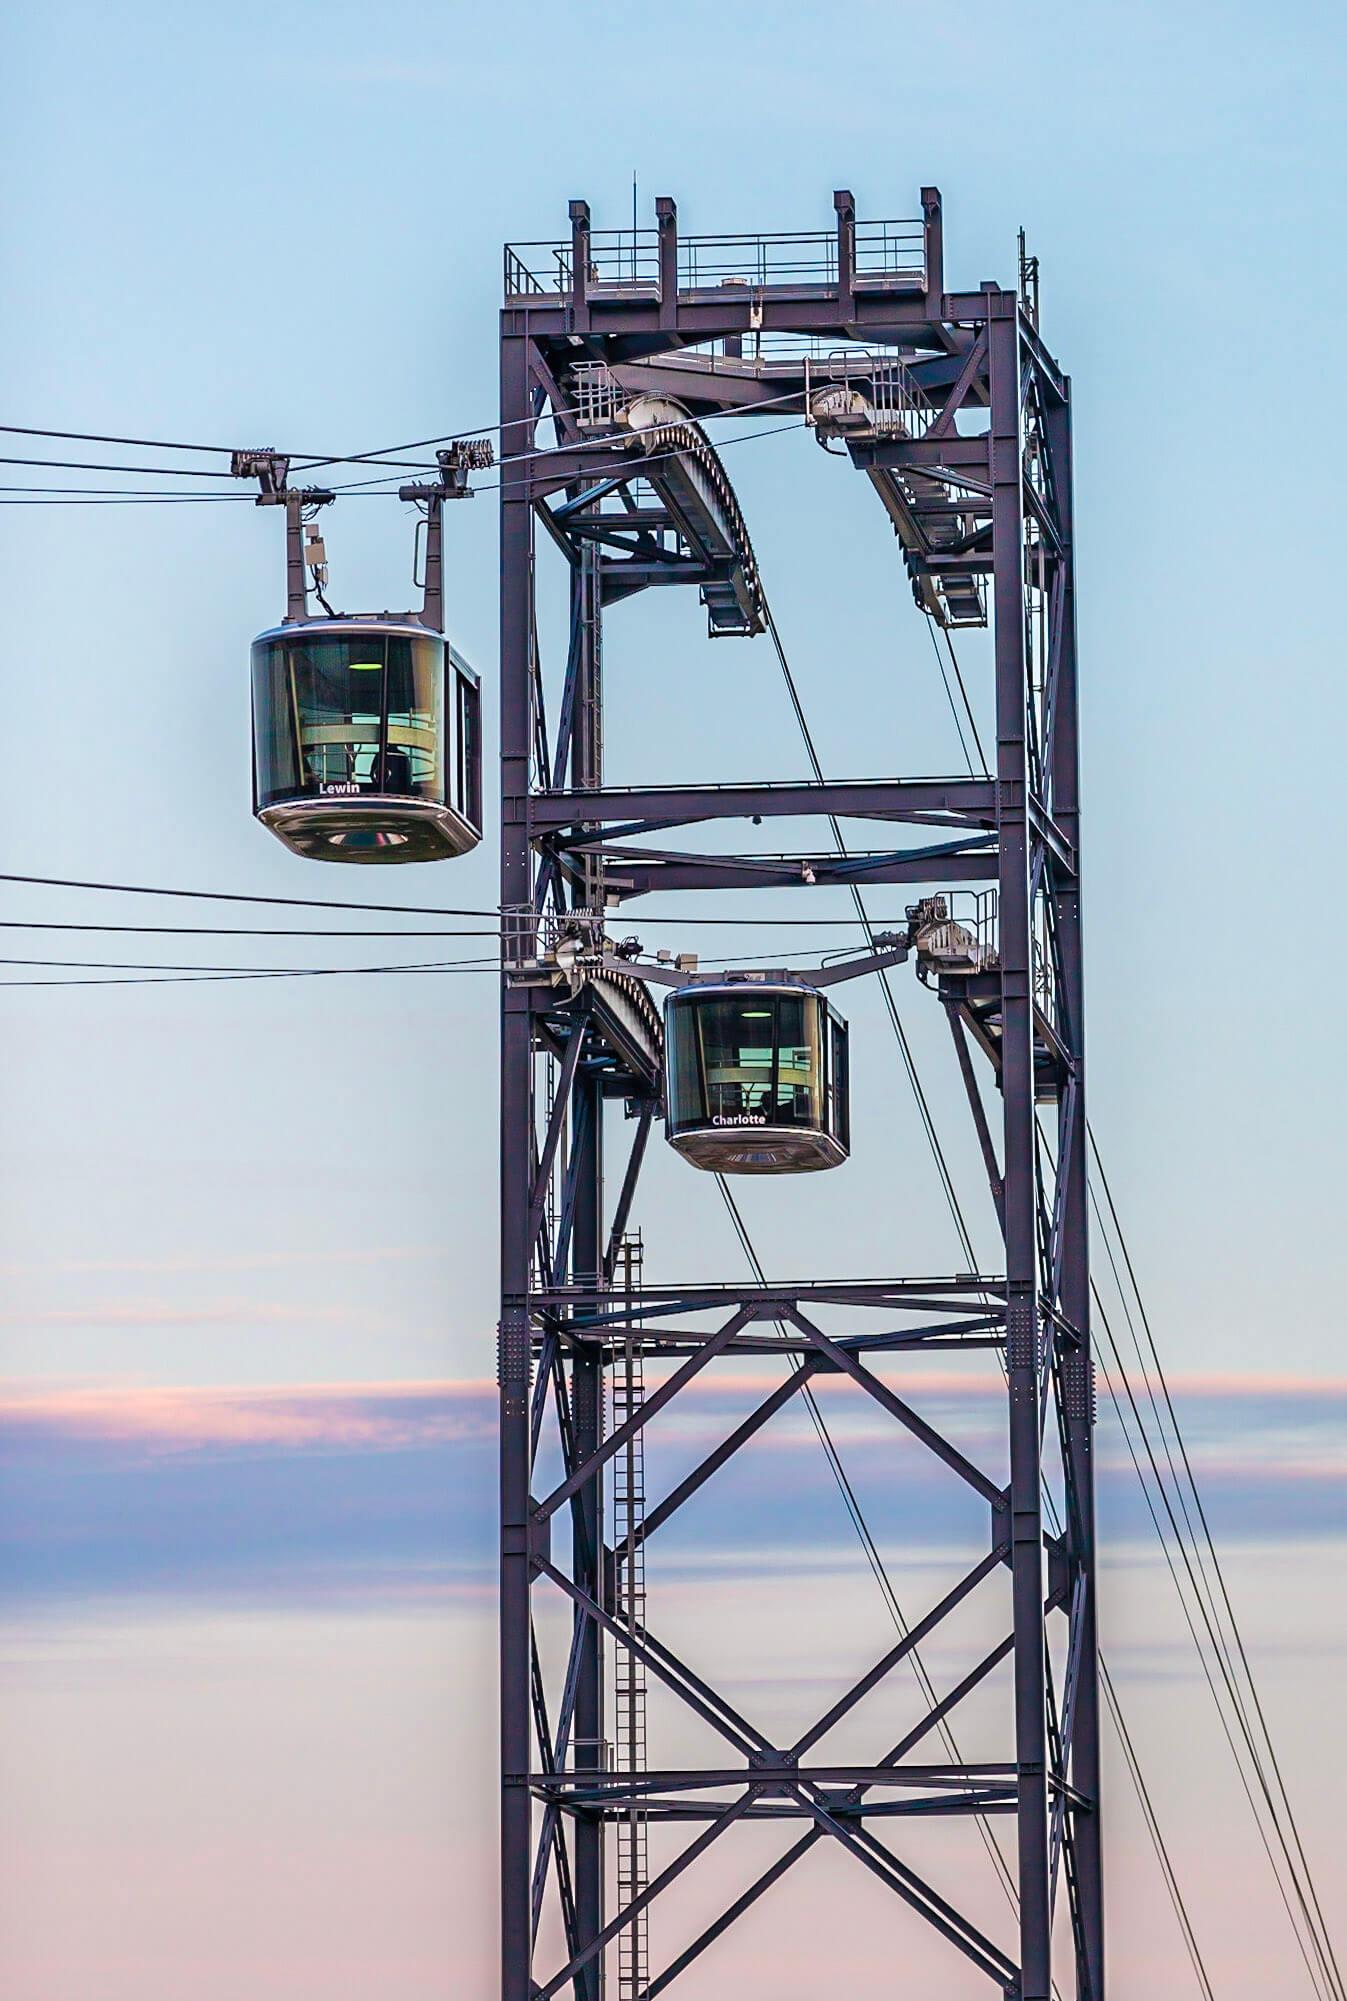 Les réalisations Lehmann Studio, photographe à Angers - reportage photo téléphérique Brest